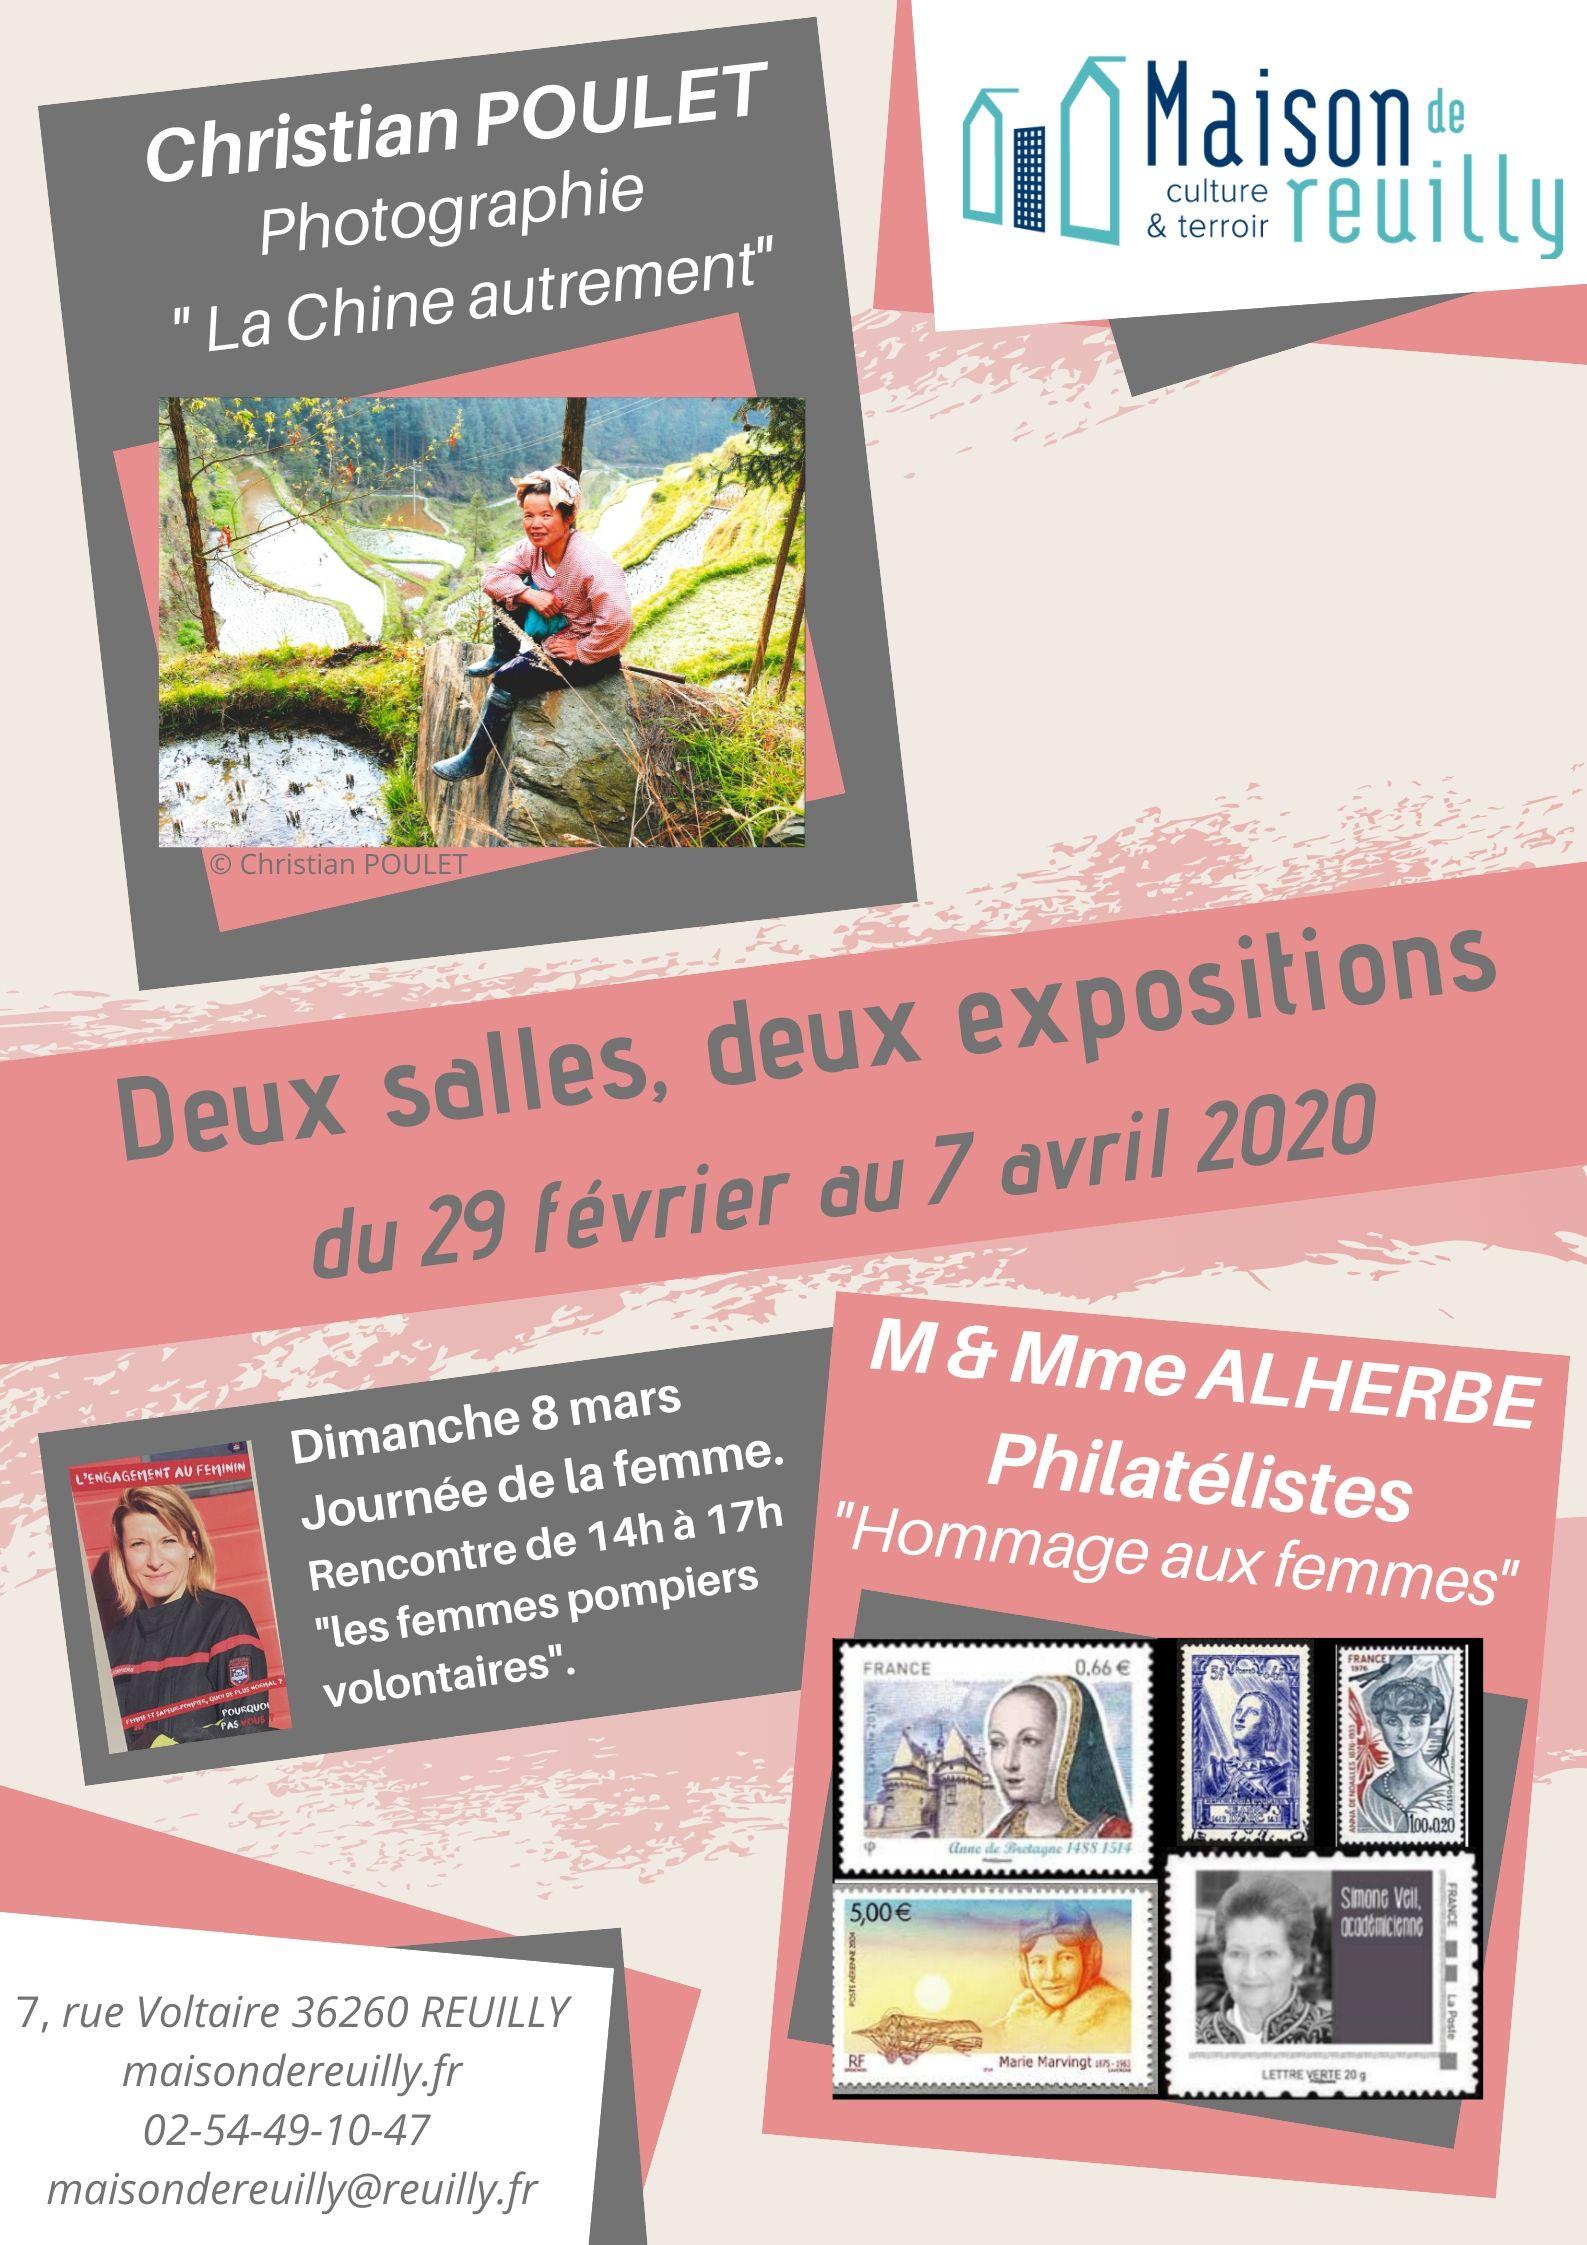 affiche 2020 Poulet Alherbe maison de reuilly